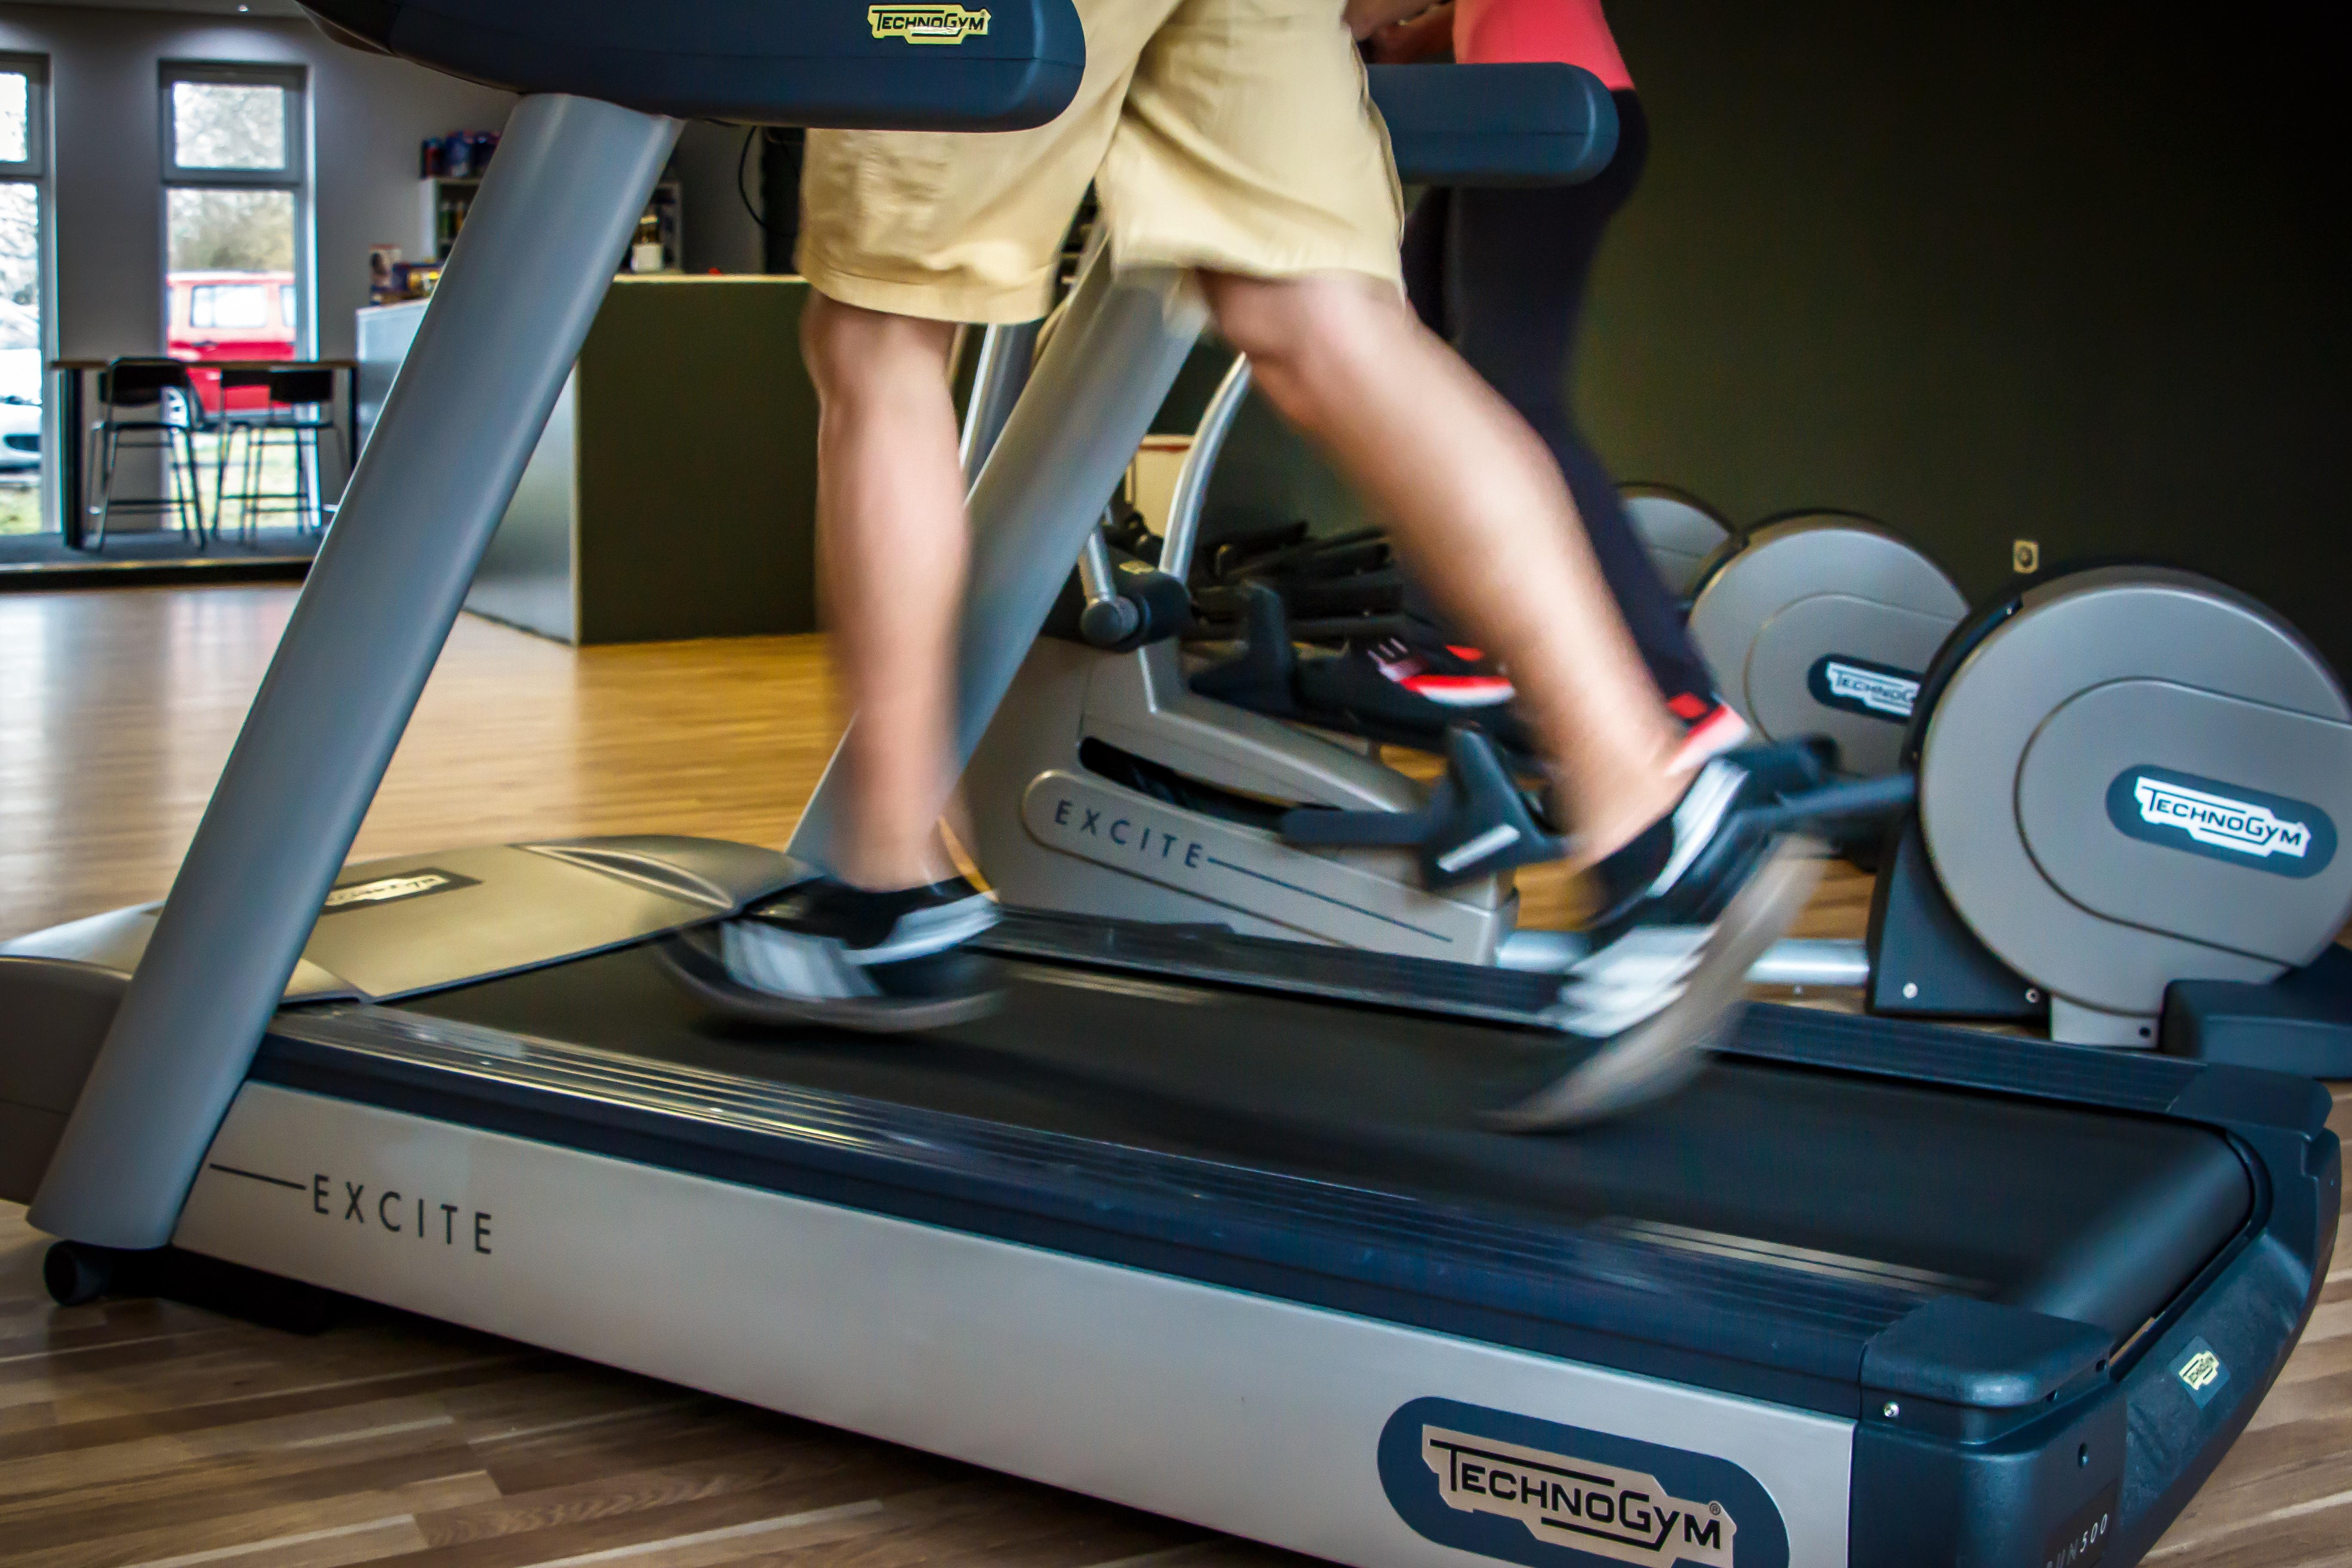 caminar para el ejercicio de pérdida de peso de la aptitud